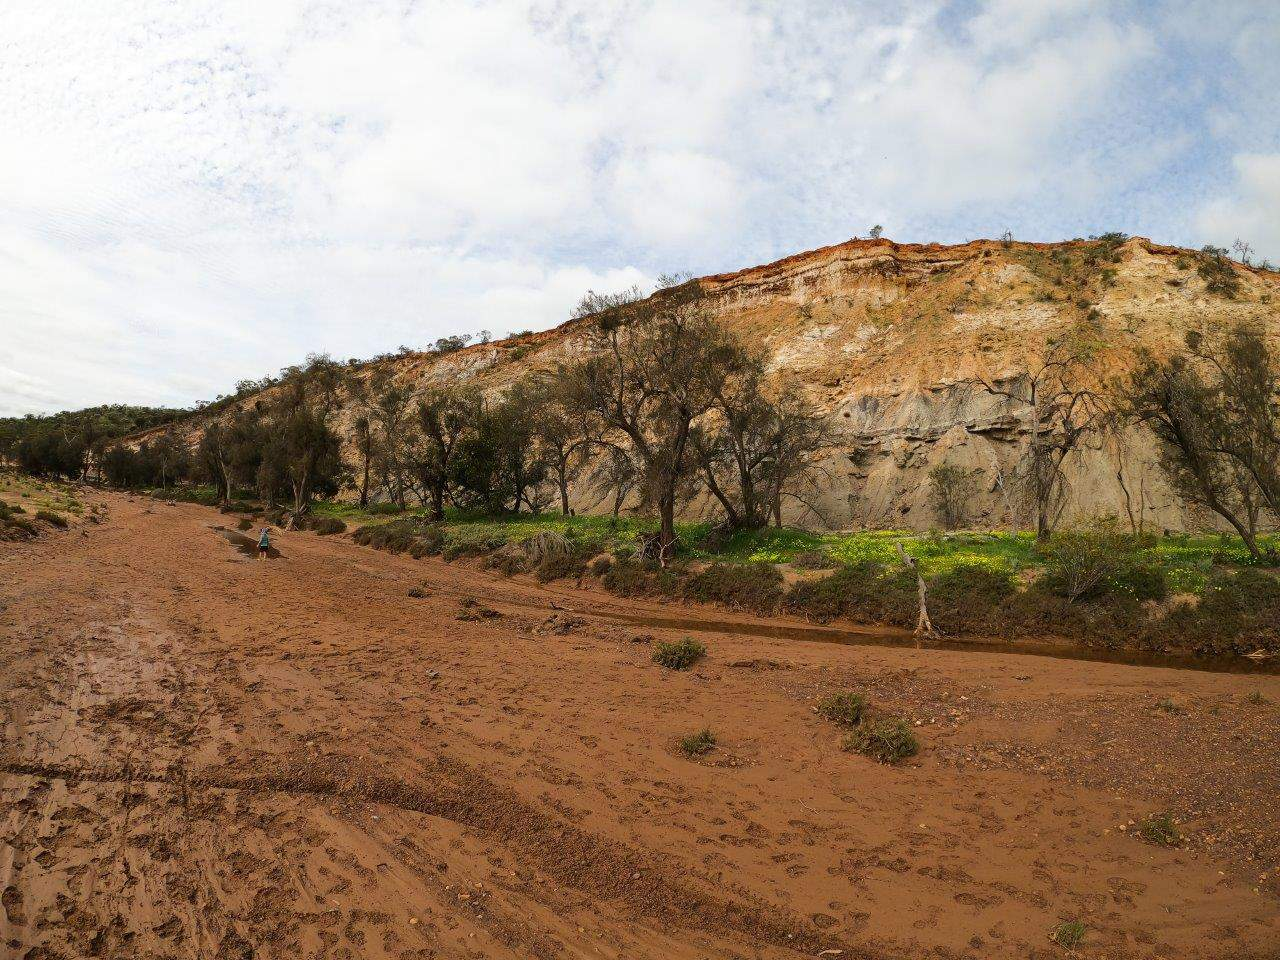 Coalseam cliffs